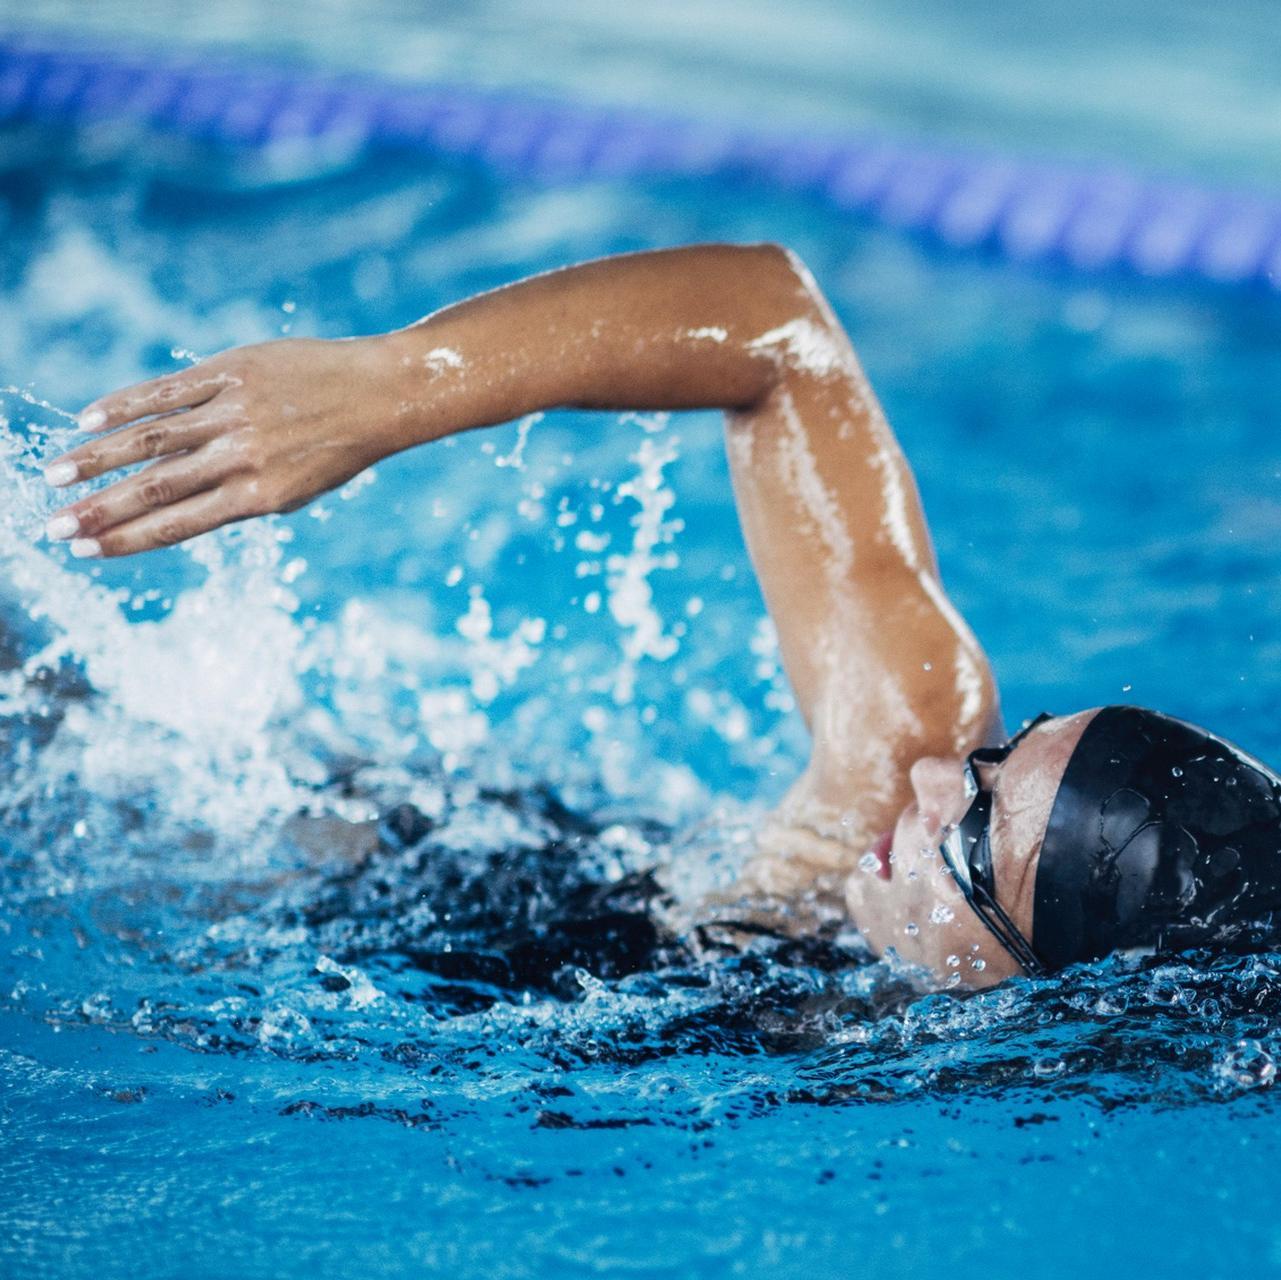 La natation, accessible et excellente pour la santé